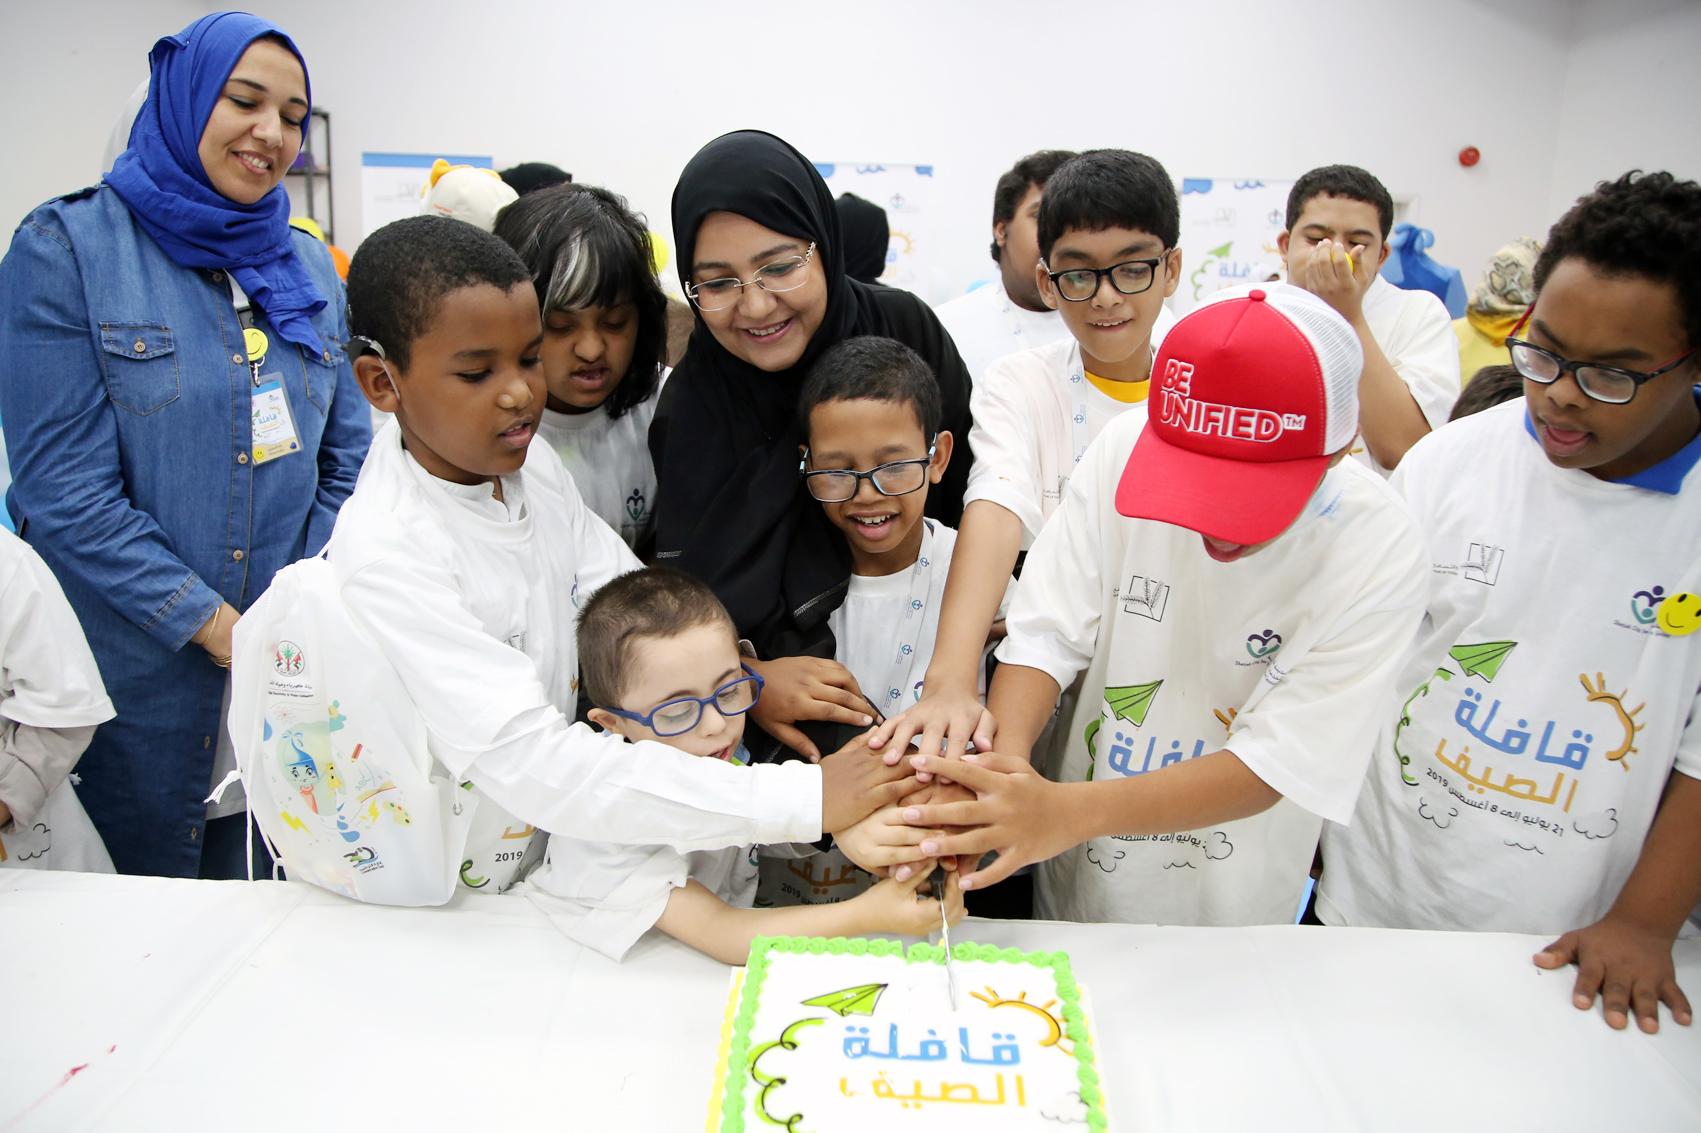 اختتام فعاليات قافلة الصيف في مدينة الشارقة للخدمات الإنسانية